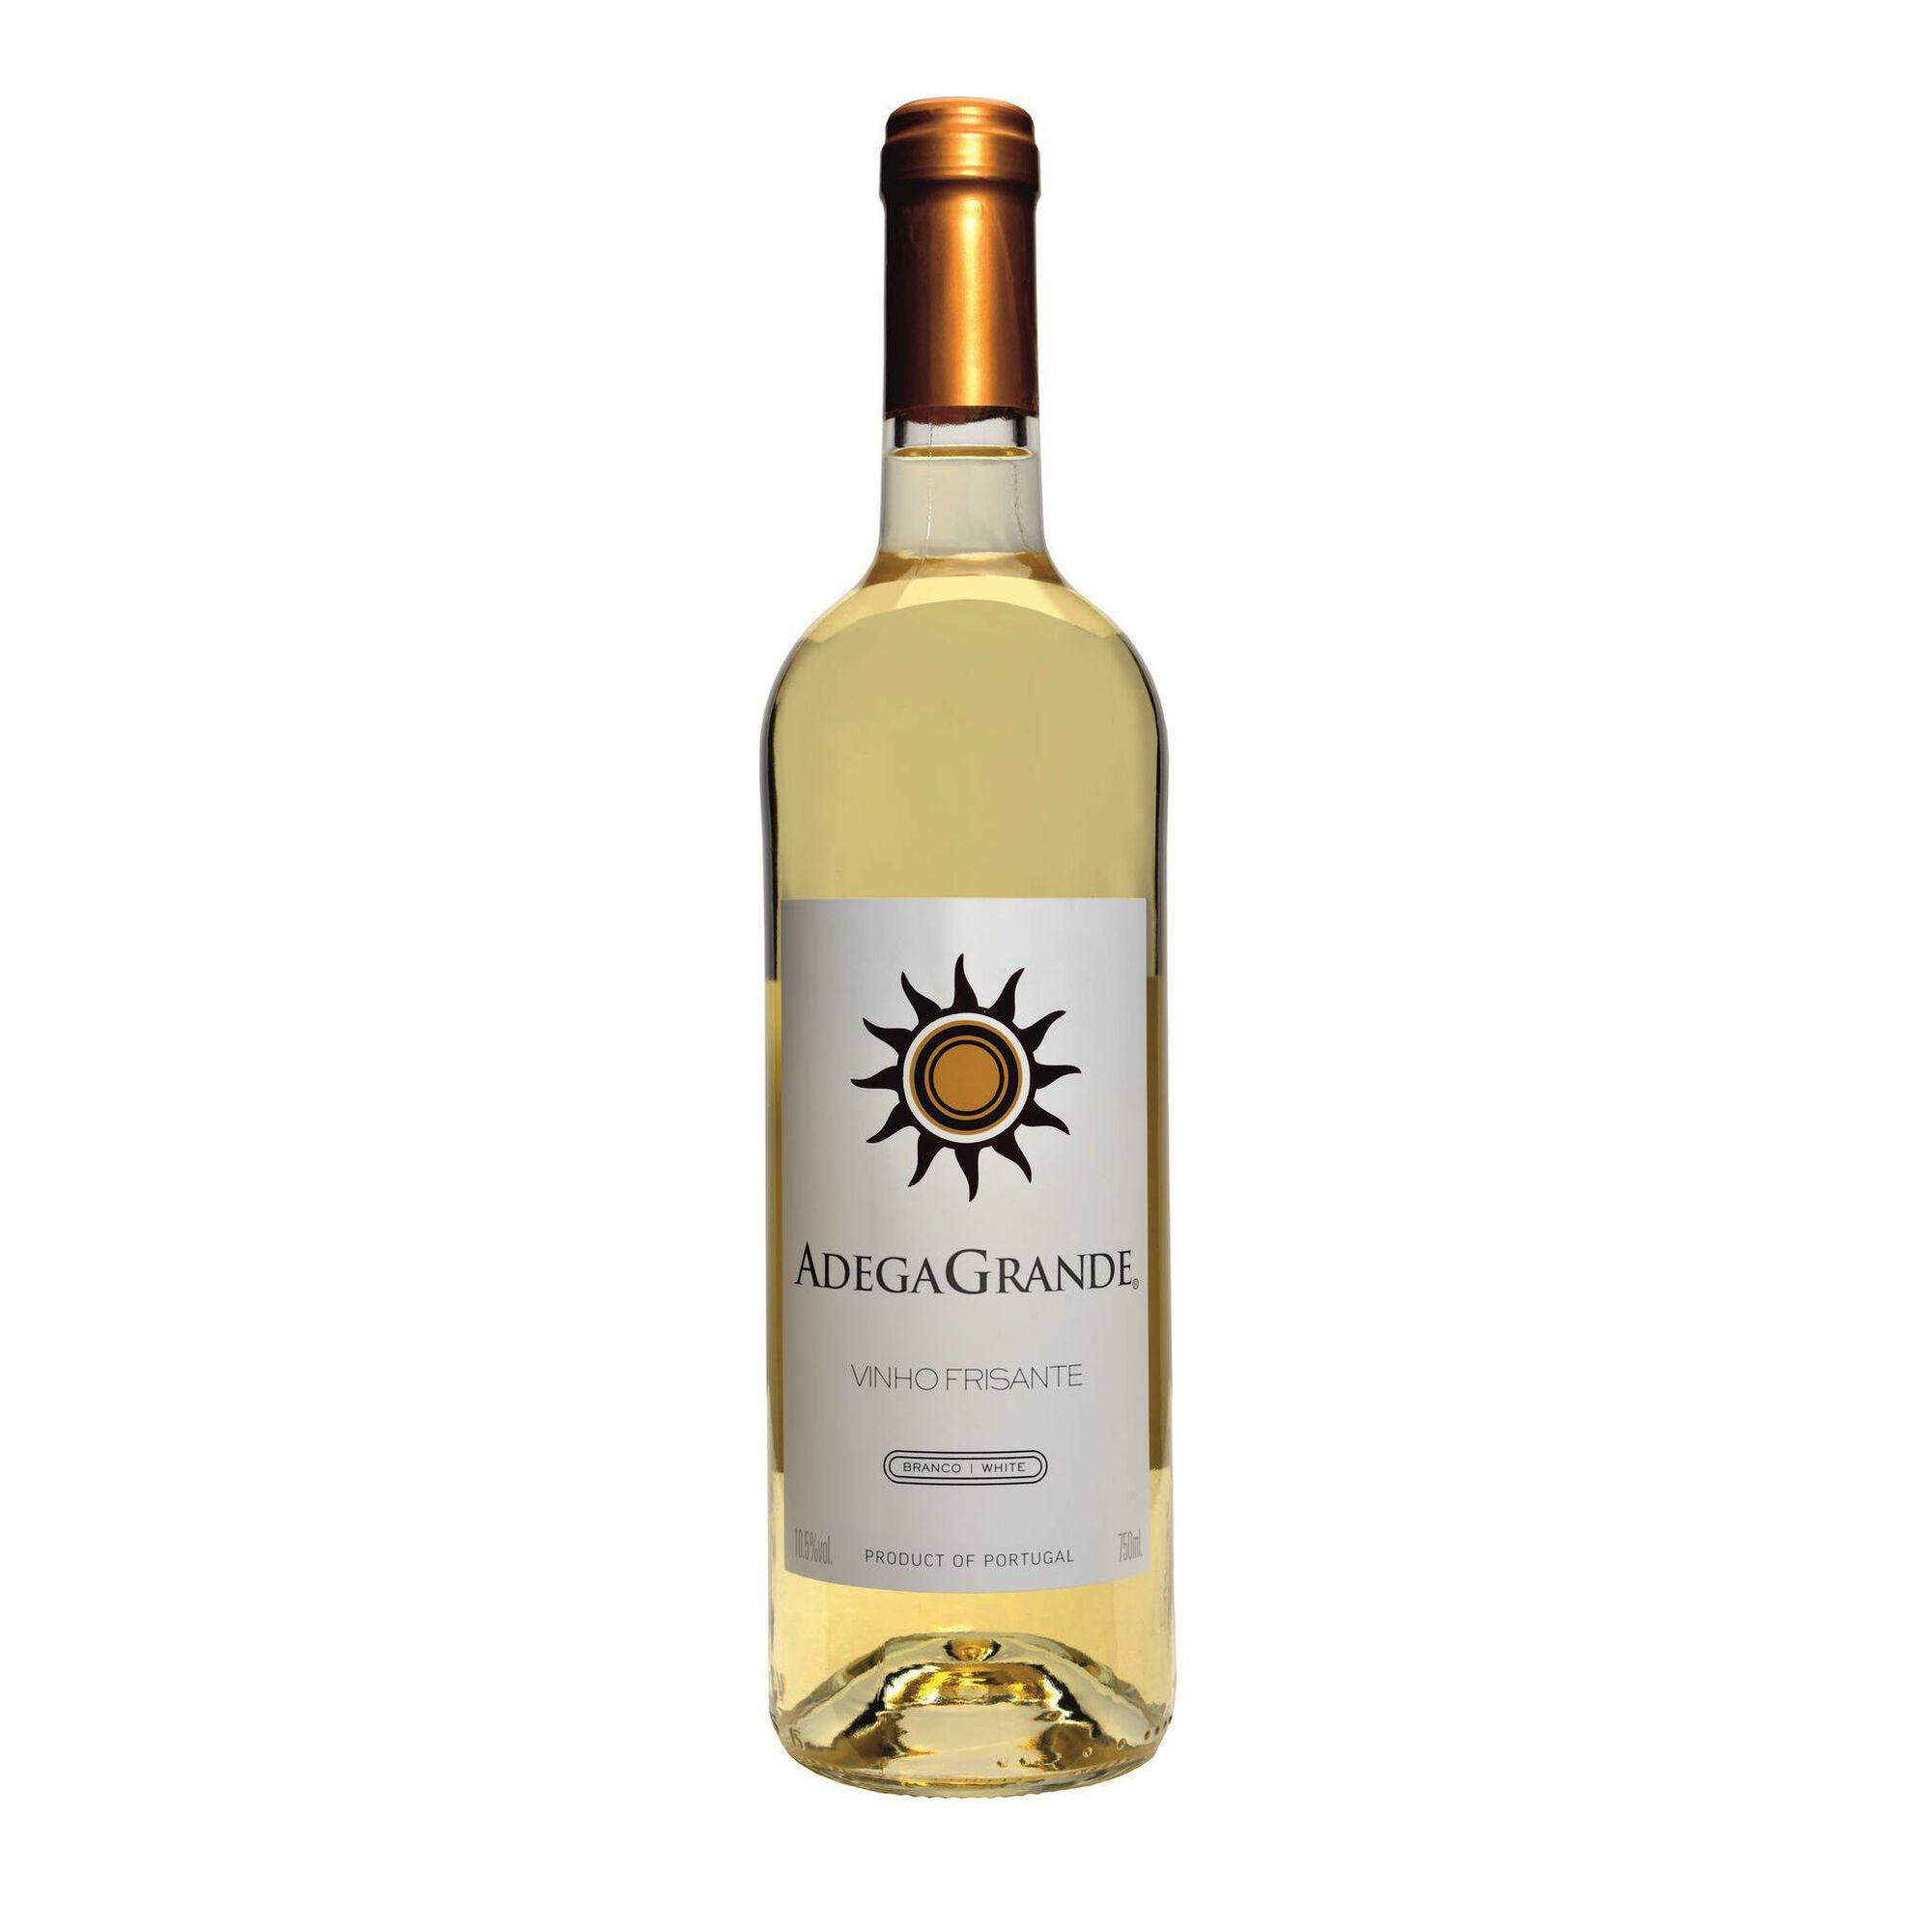 Adega Grande Vinho Frisante Branco